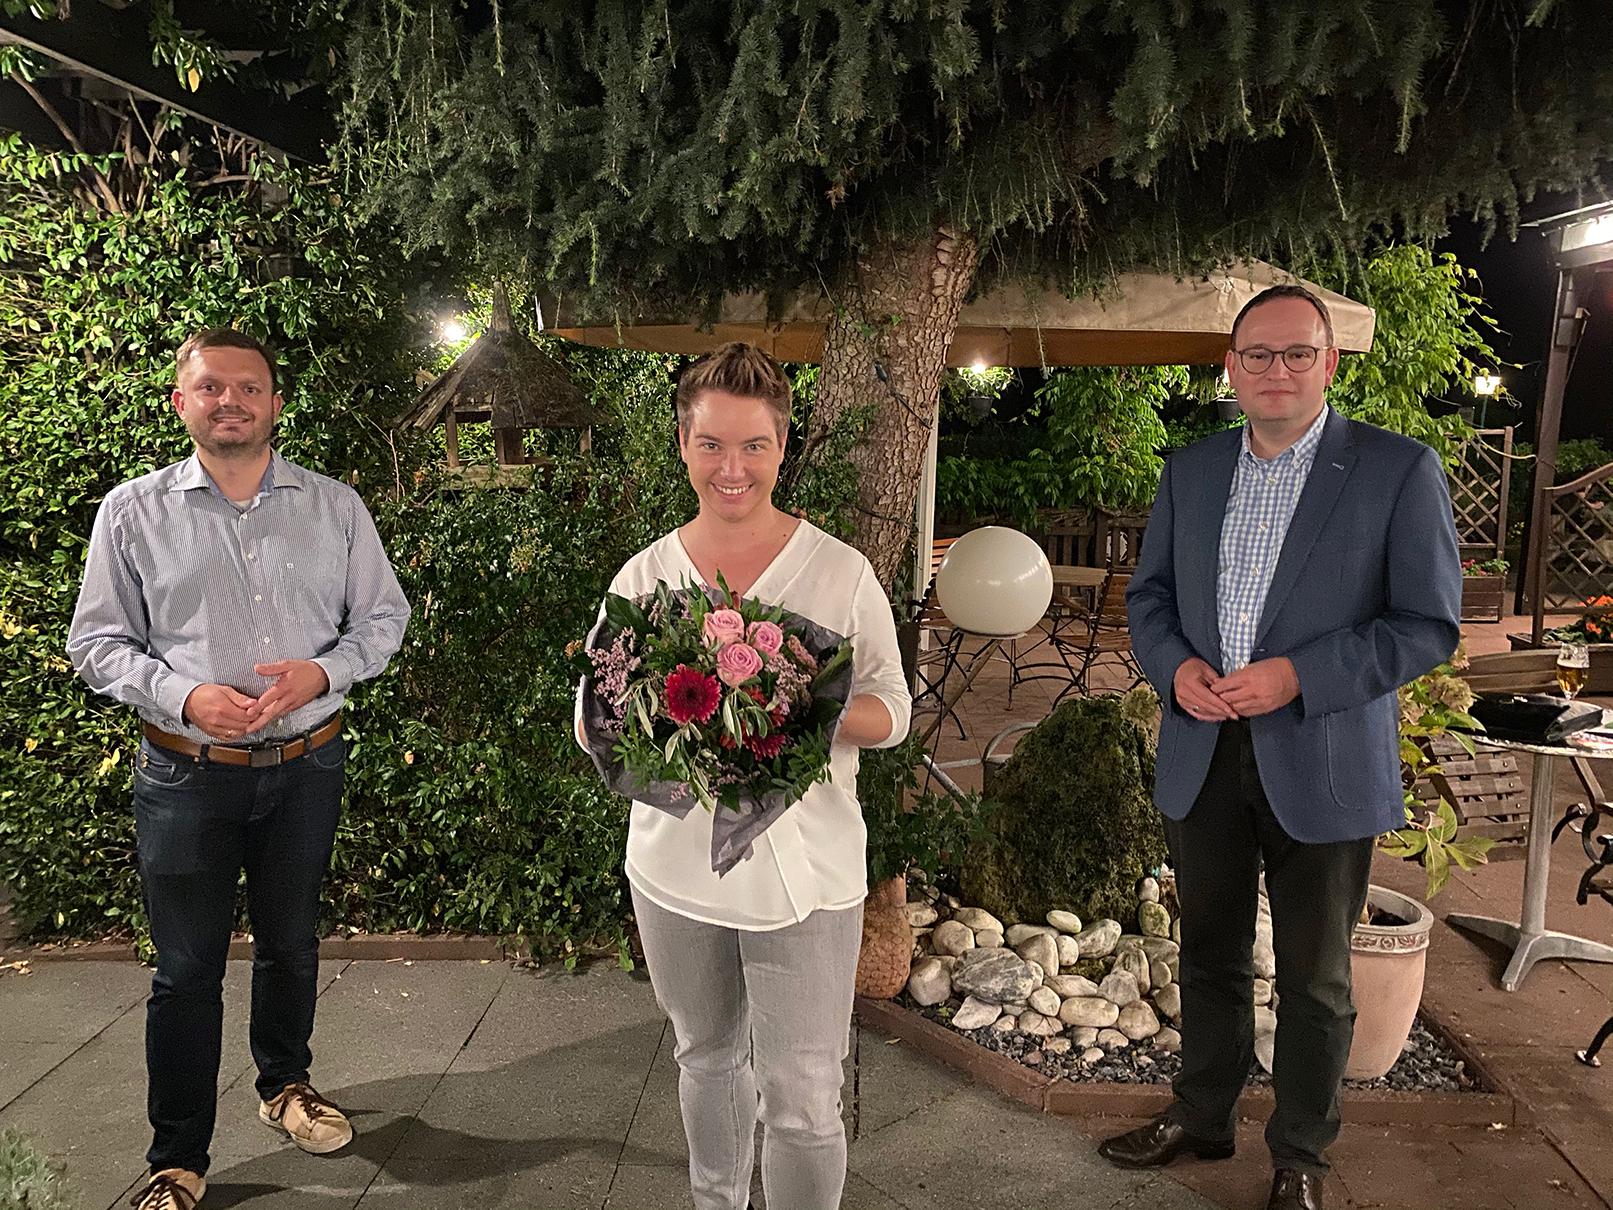 v.l.n.r: Kreistagsfraktionsvorsitzender Michael Schönbeck, Landratskandidatin Dorothee Schuster und Kreisvorsitzender Dr. Tim Ostermann.